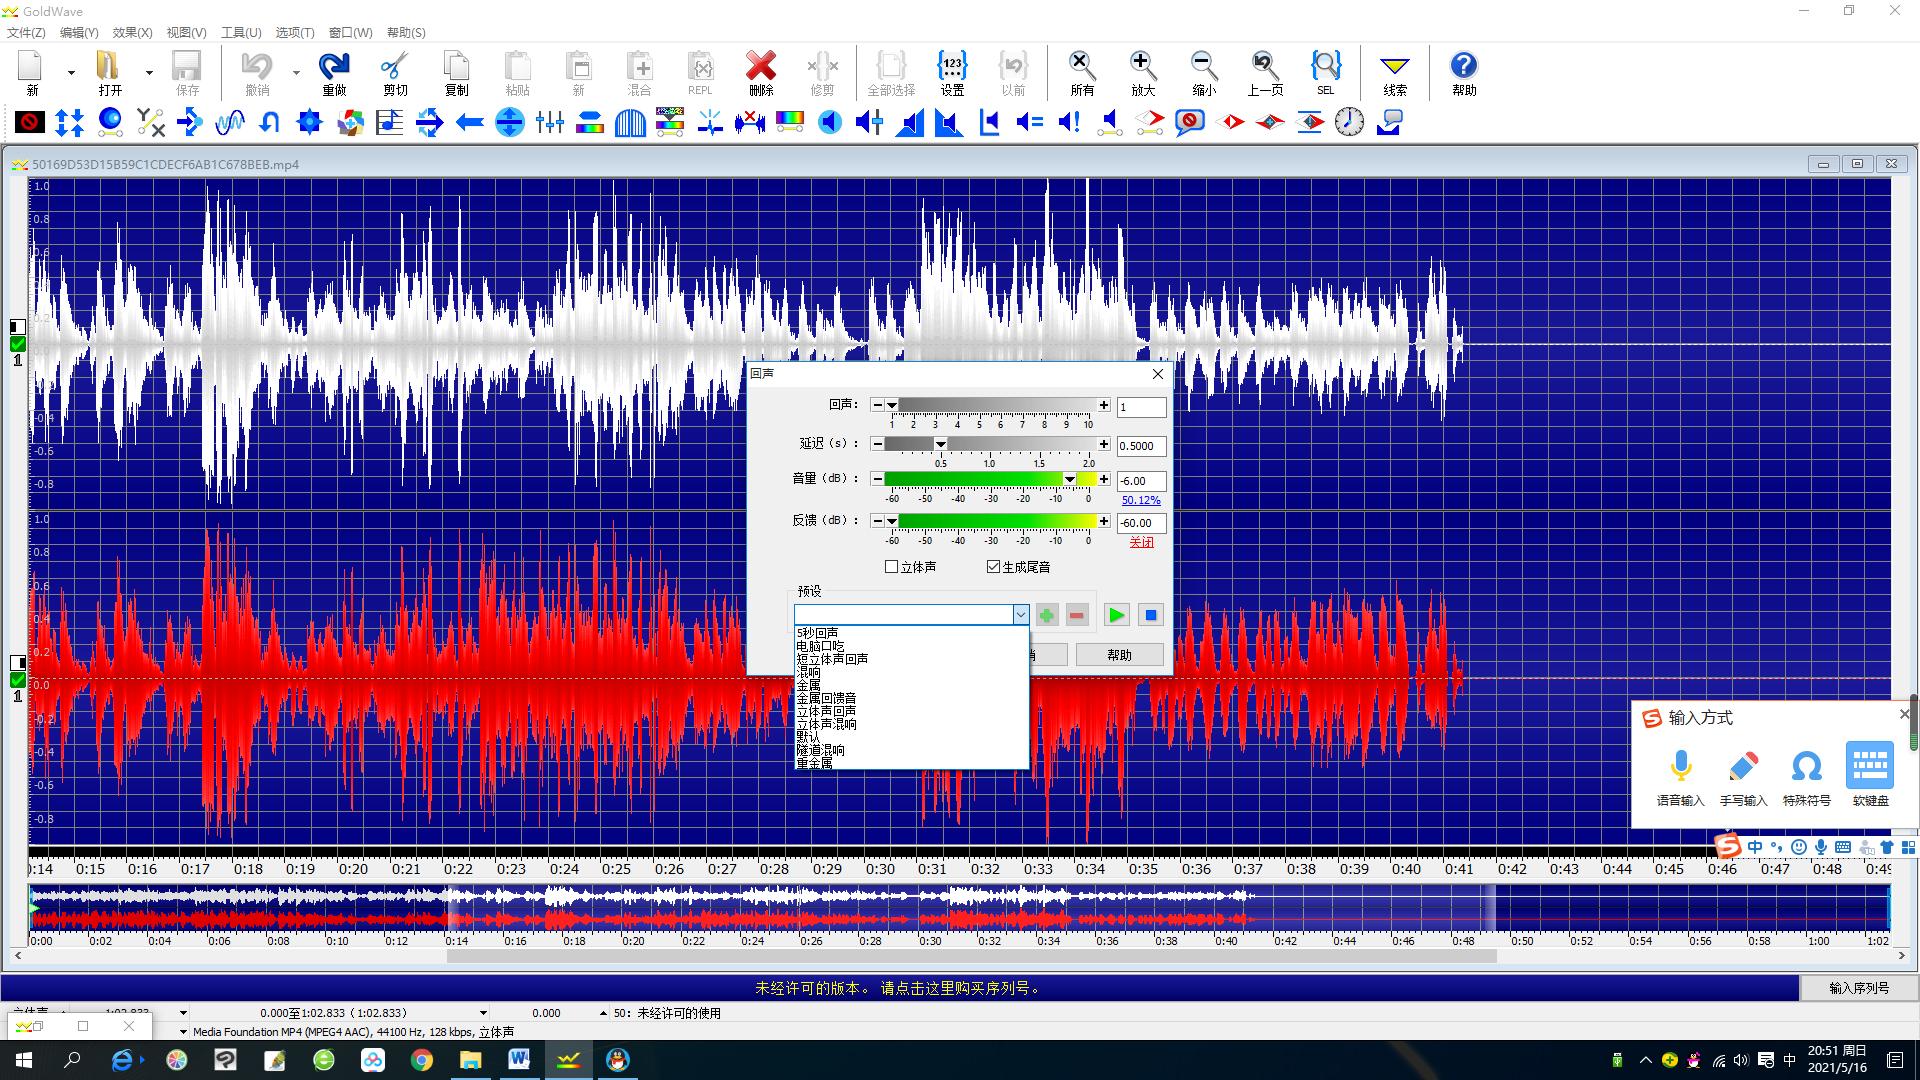 图6:系统自带的回声效果